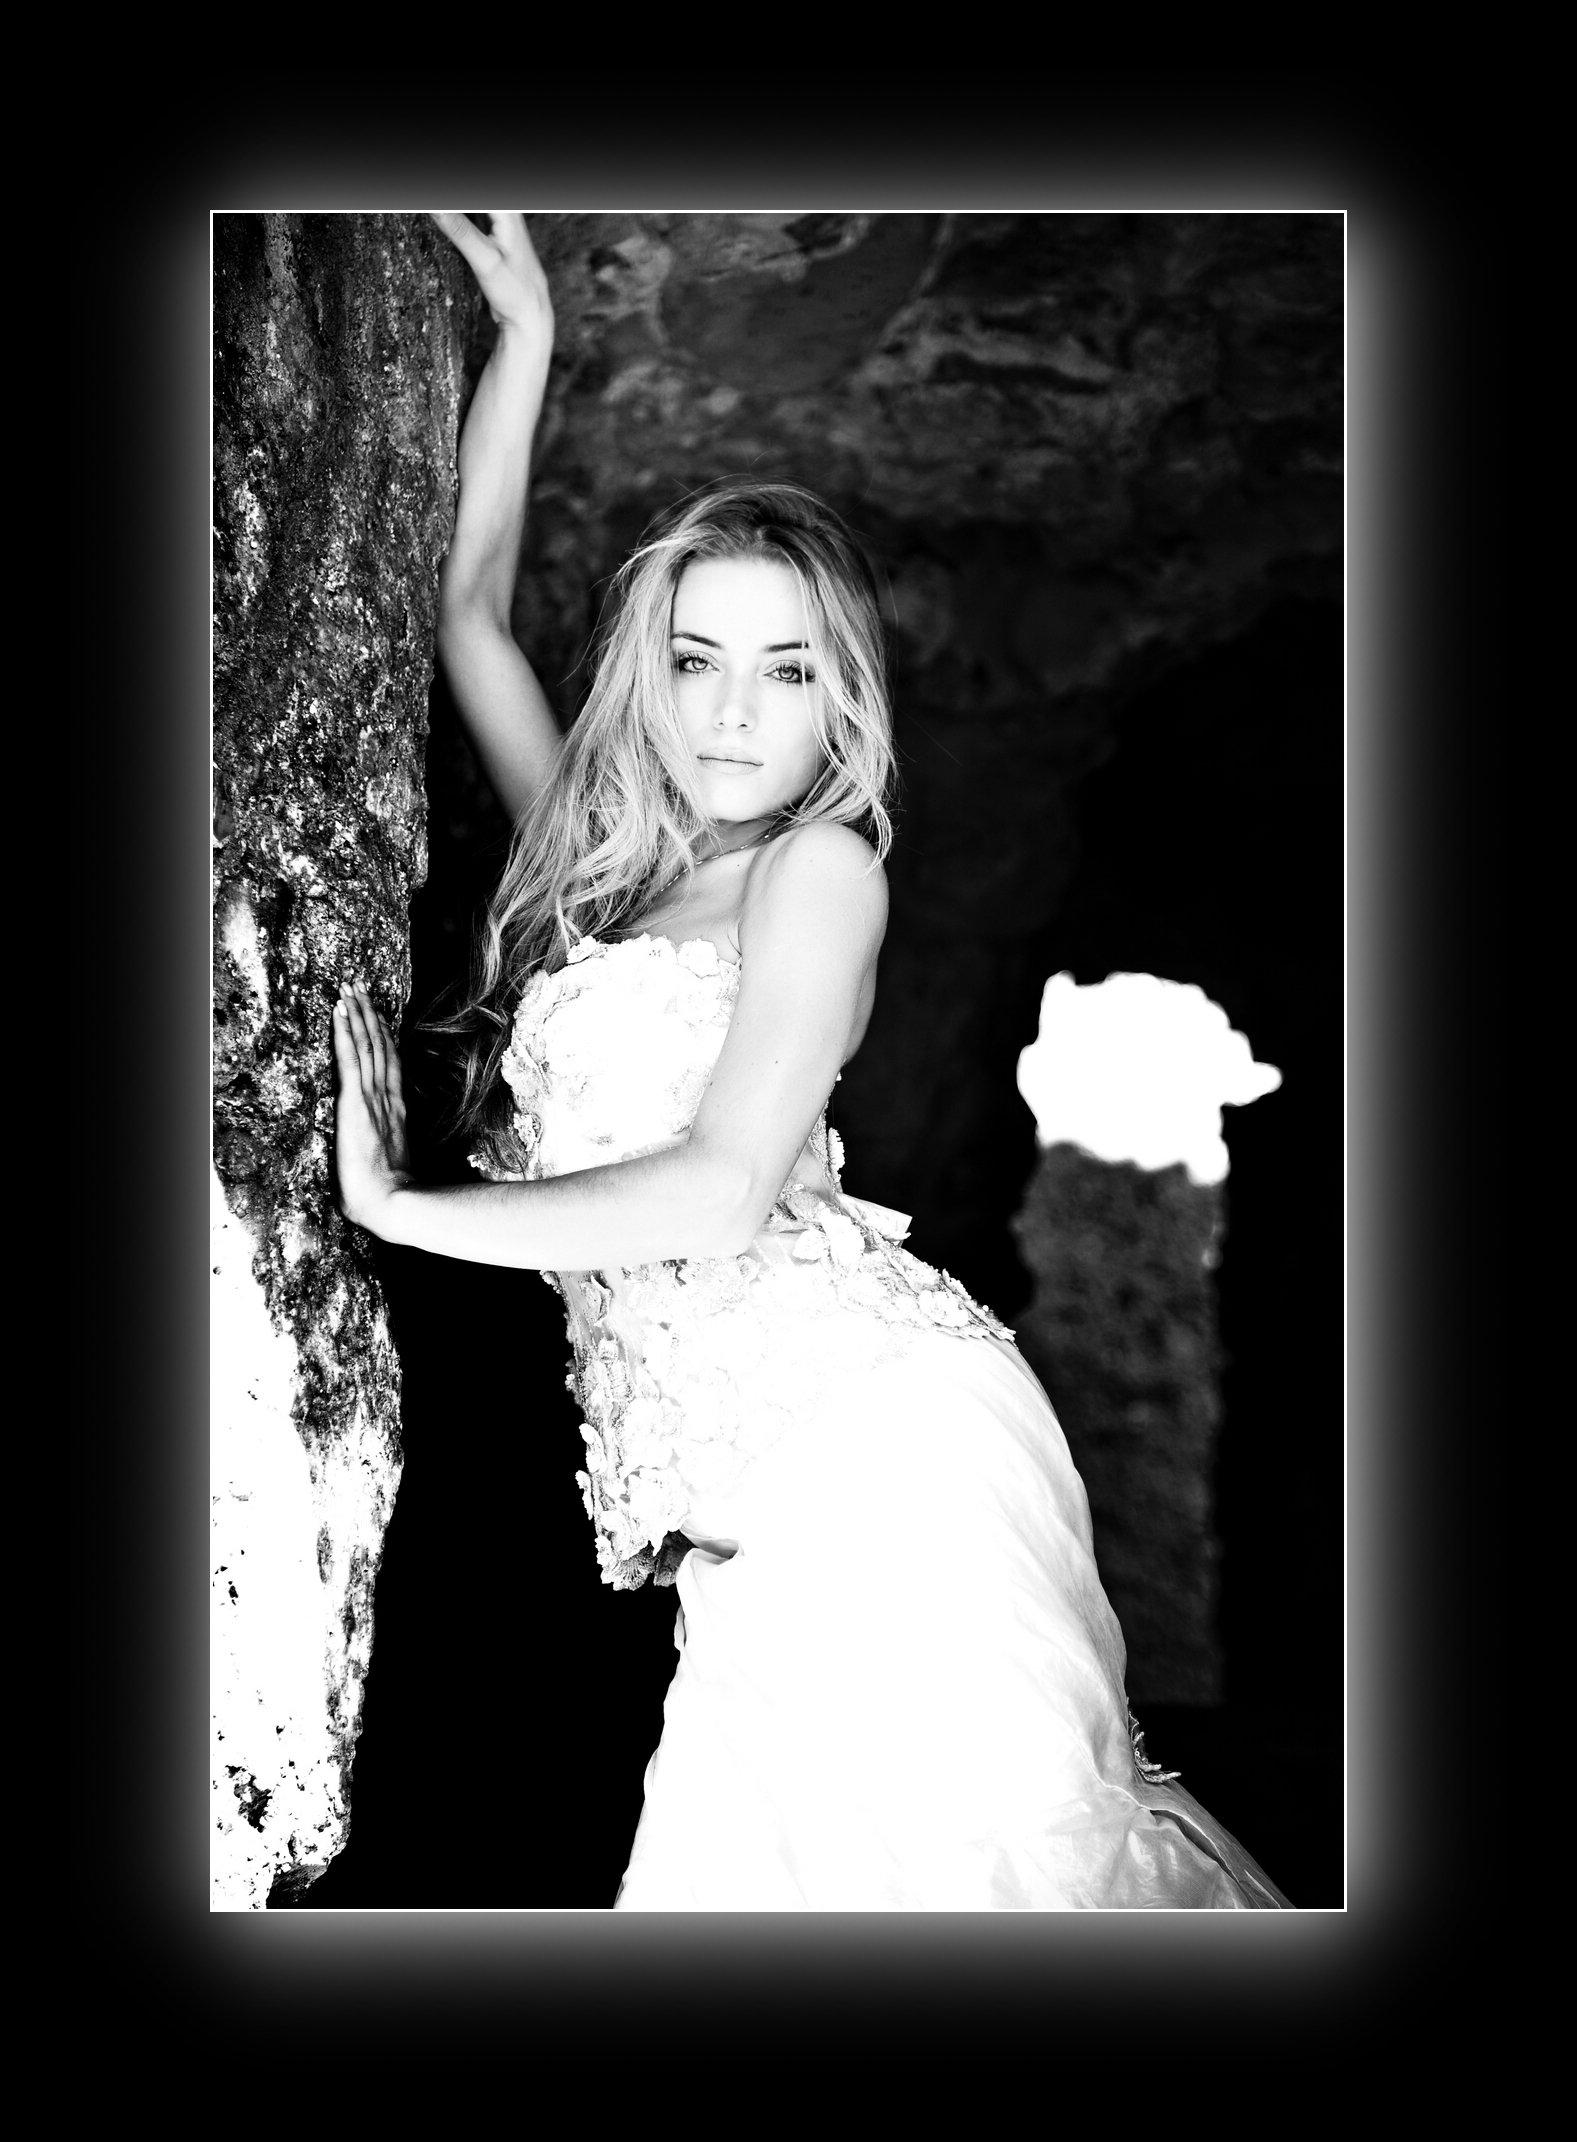 foto in bianco e nero di una sposa